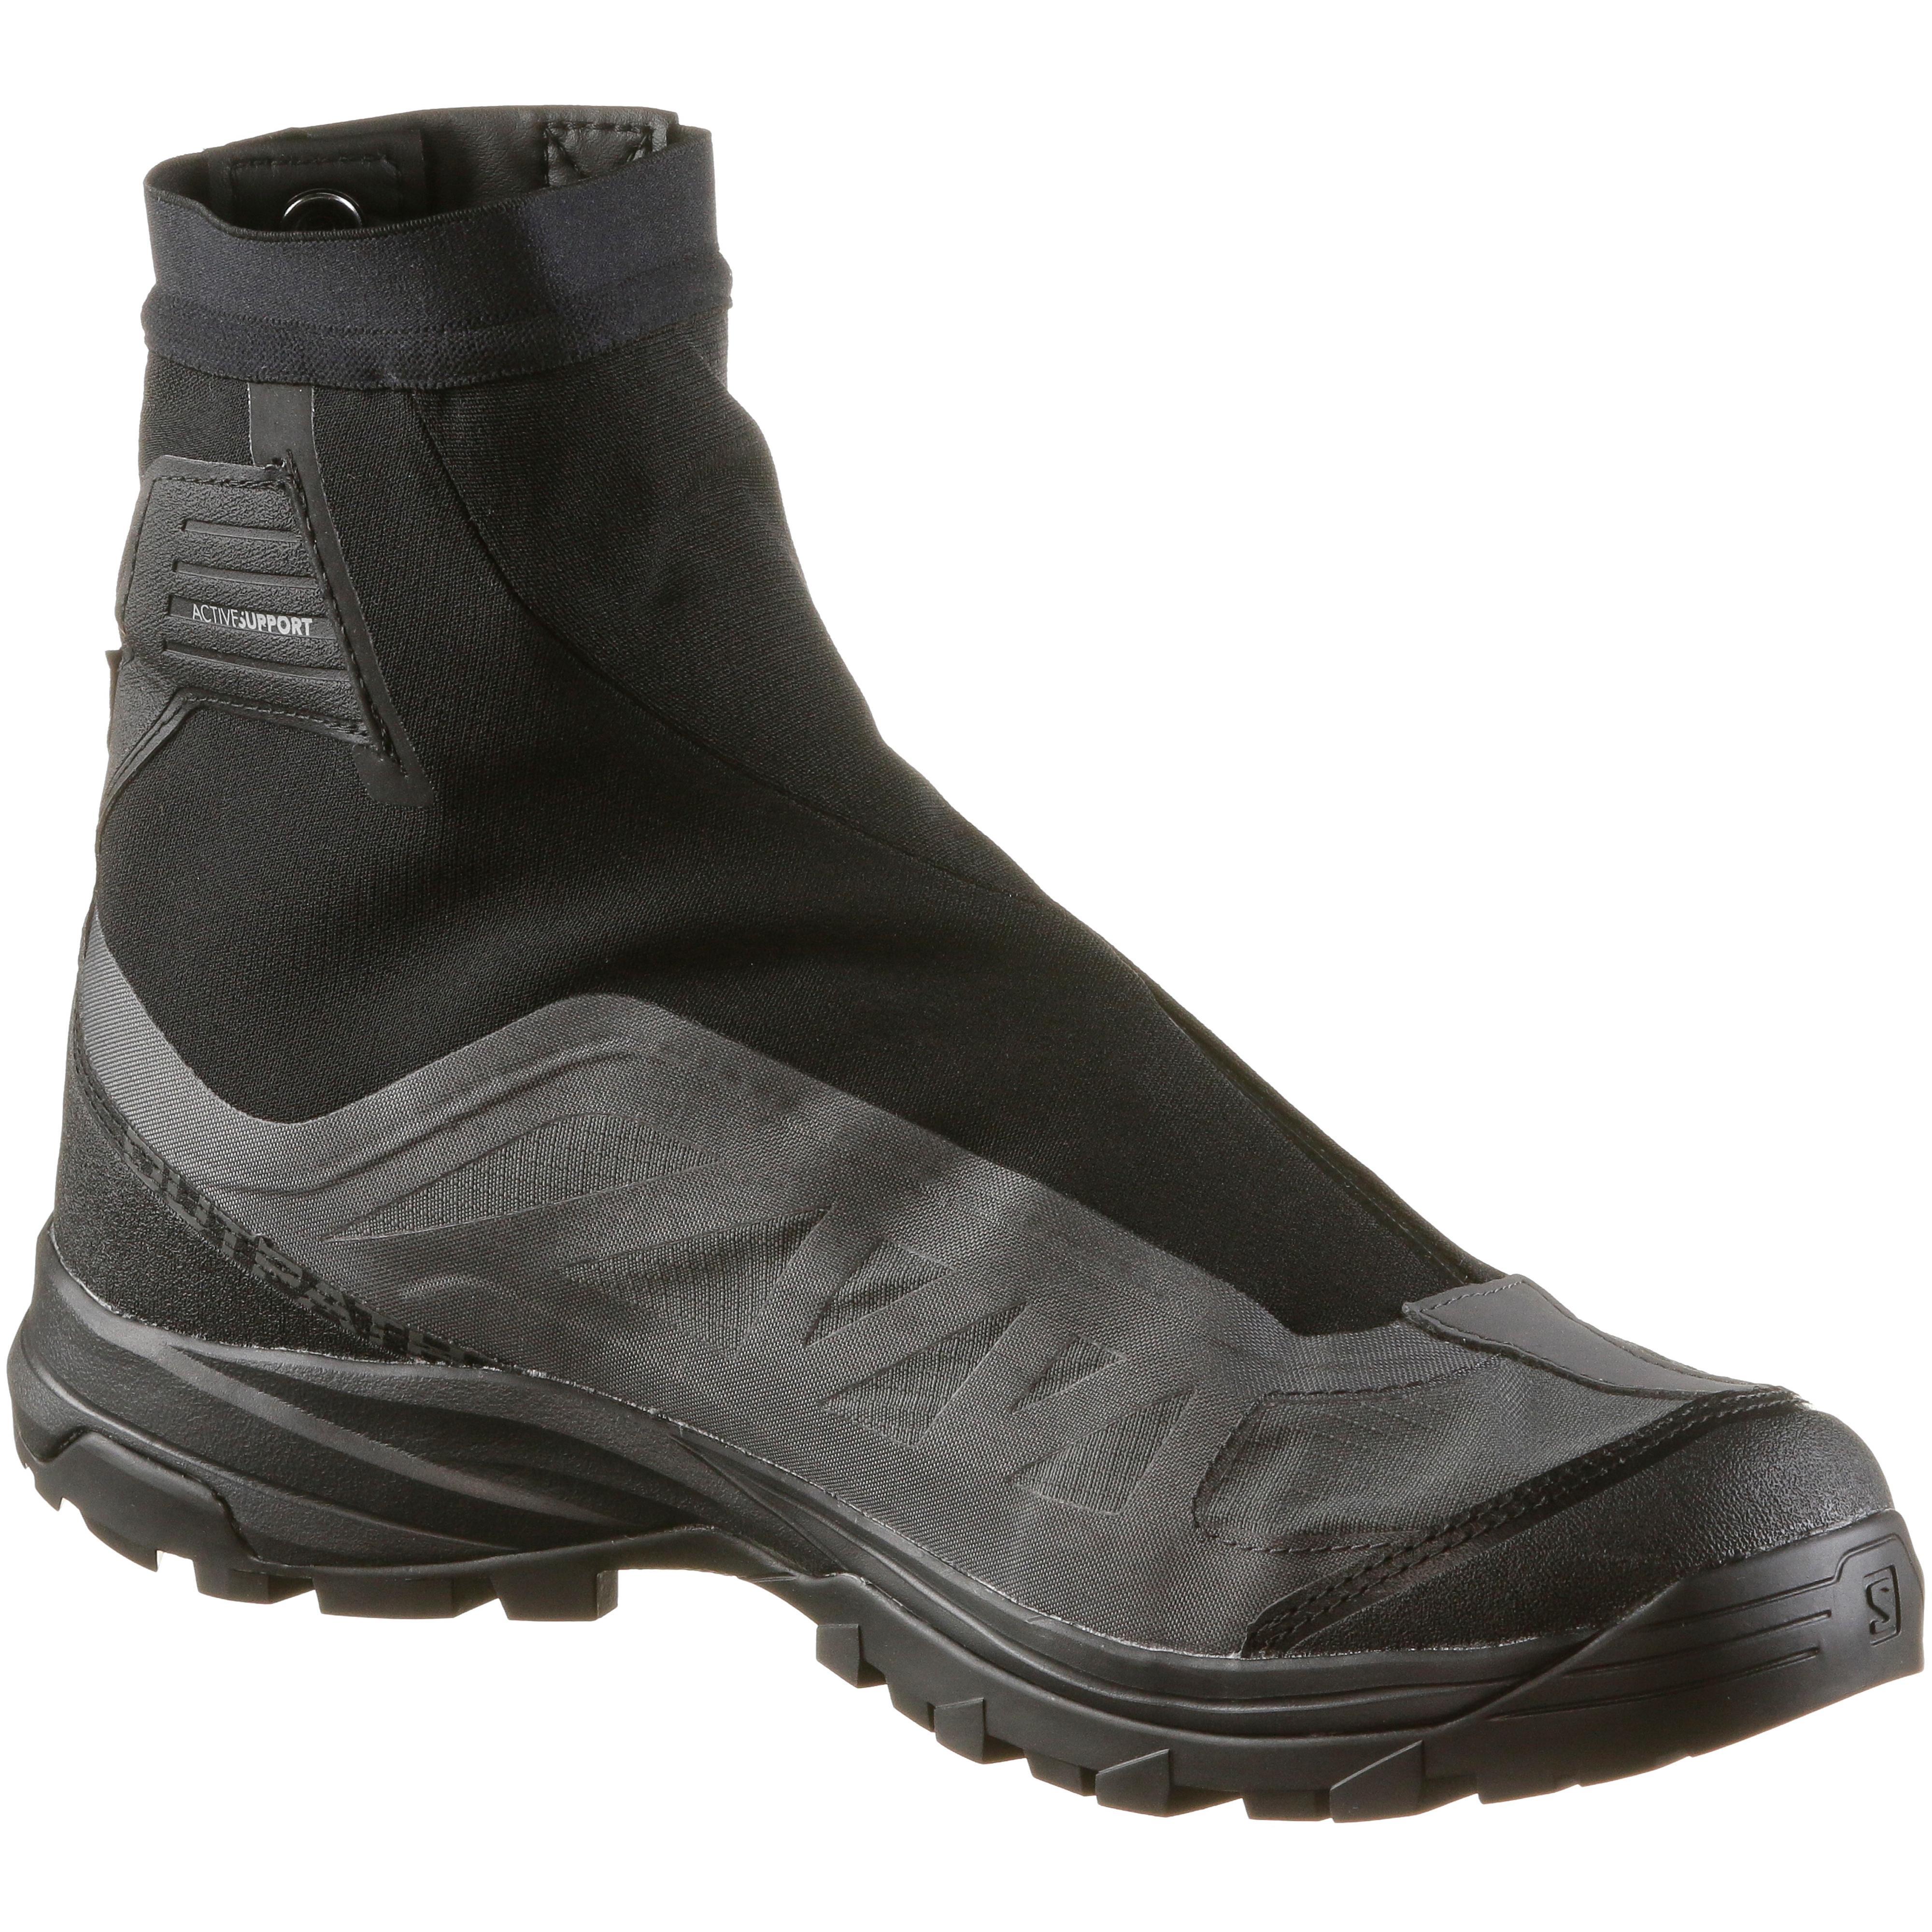 Salomon OUTpath Pro GTX Wanderschuhe Herren magnet-black-black im im im Online Shop von SportScheck kaufen Gute Qualität beliebte Schuhe 3b438c